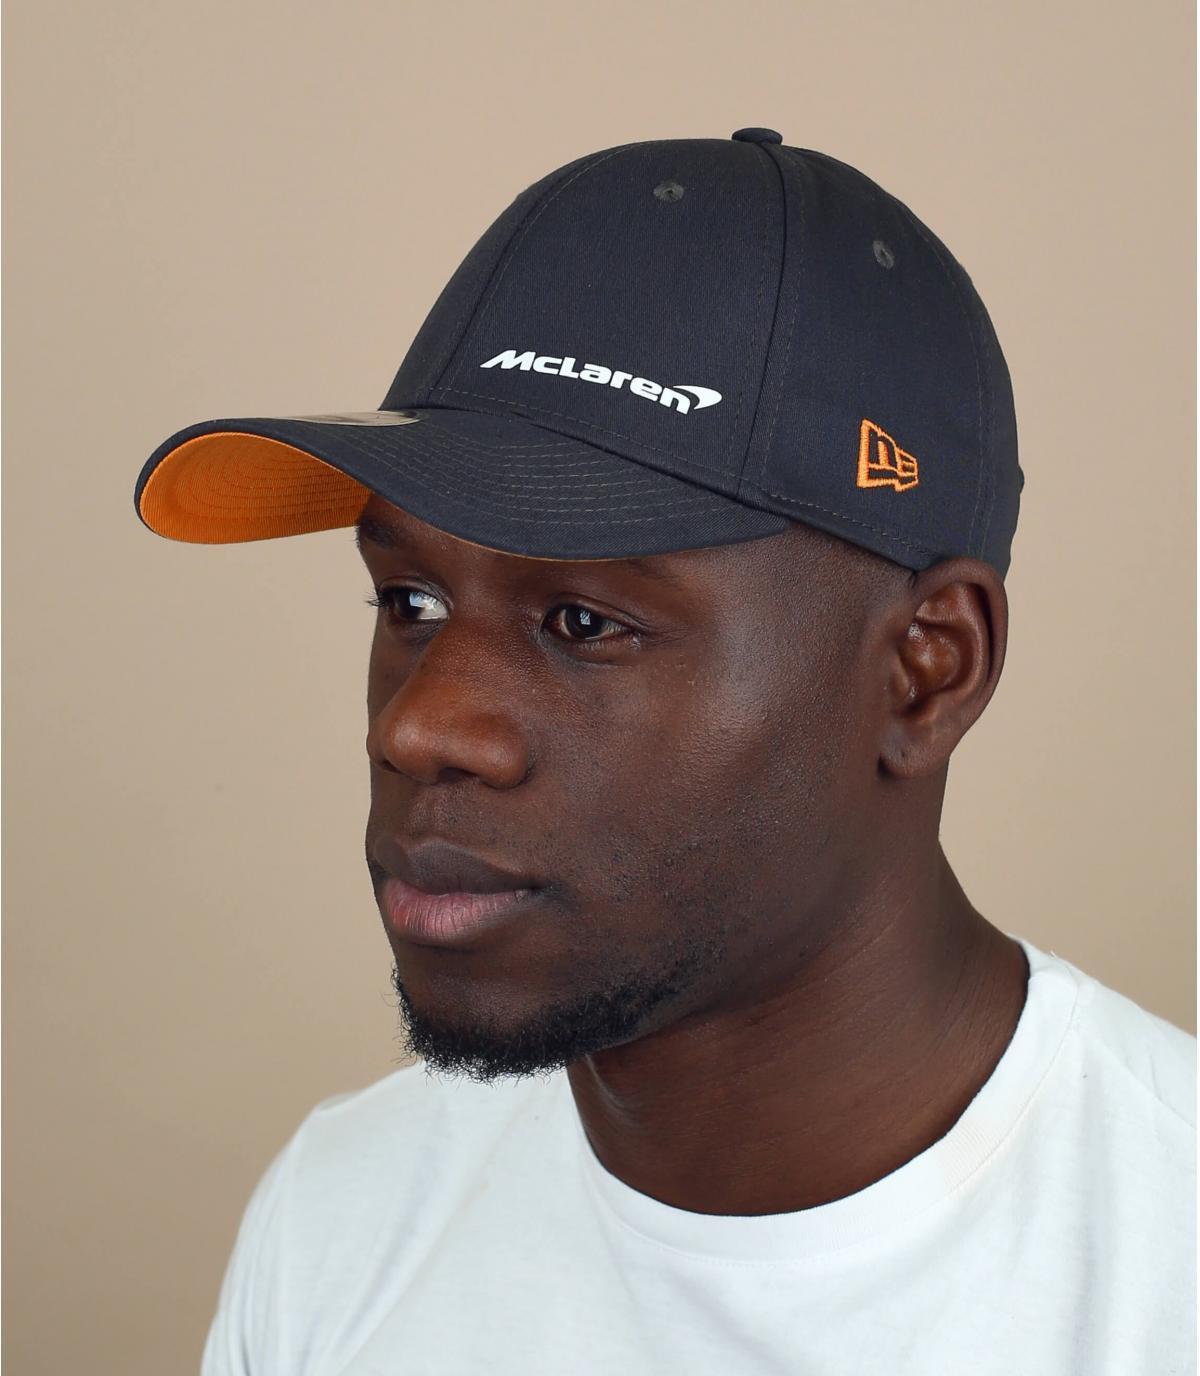 Cappellino nero Mc Laren